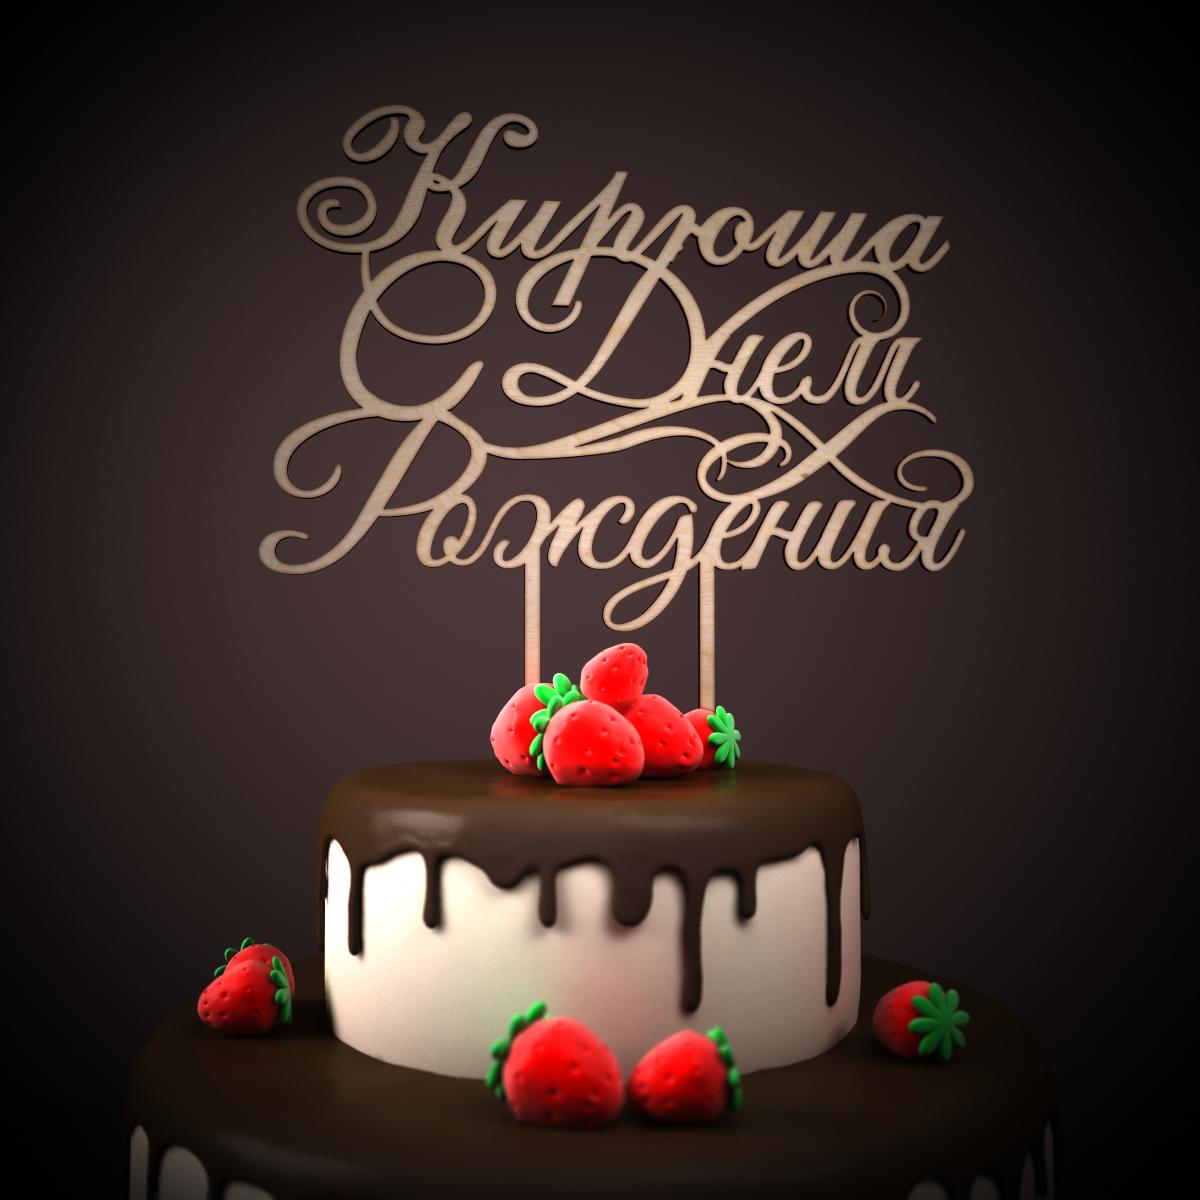 Прикольные поздравления с днем рождения другу кирилл